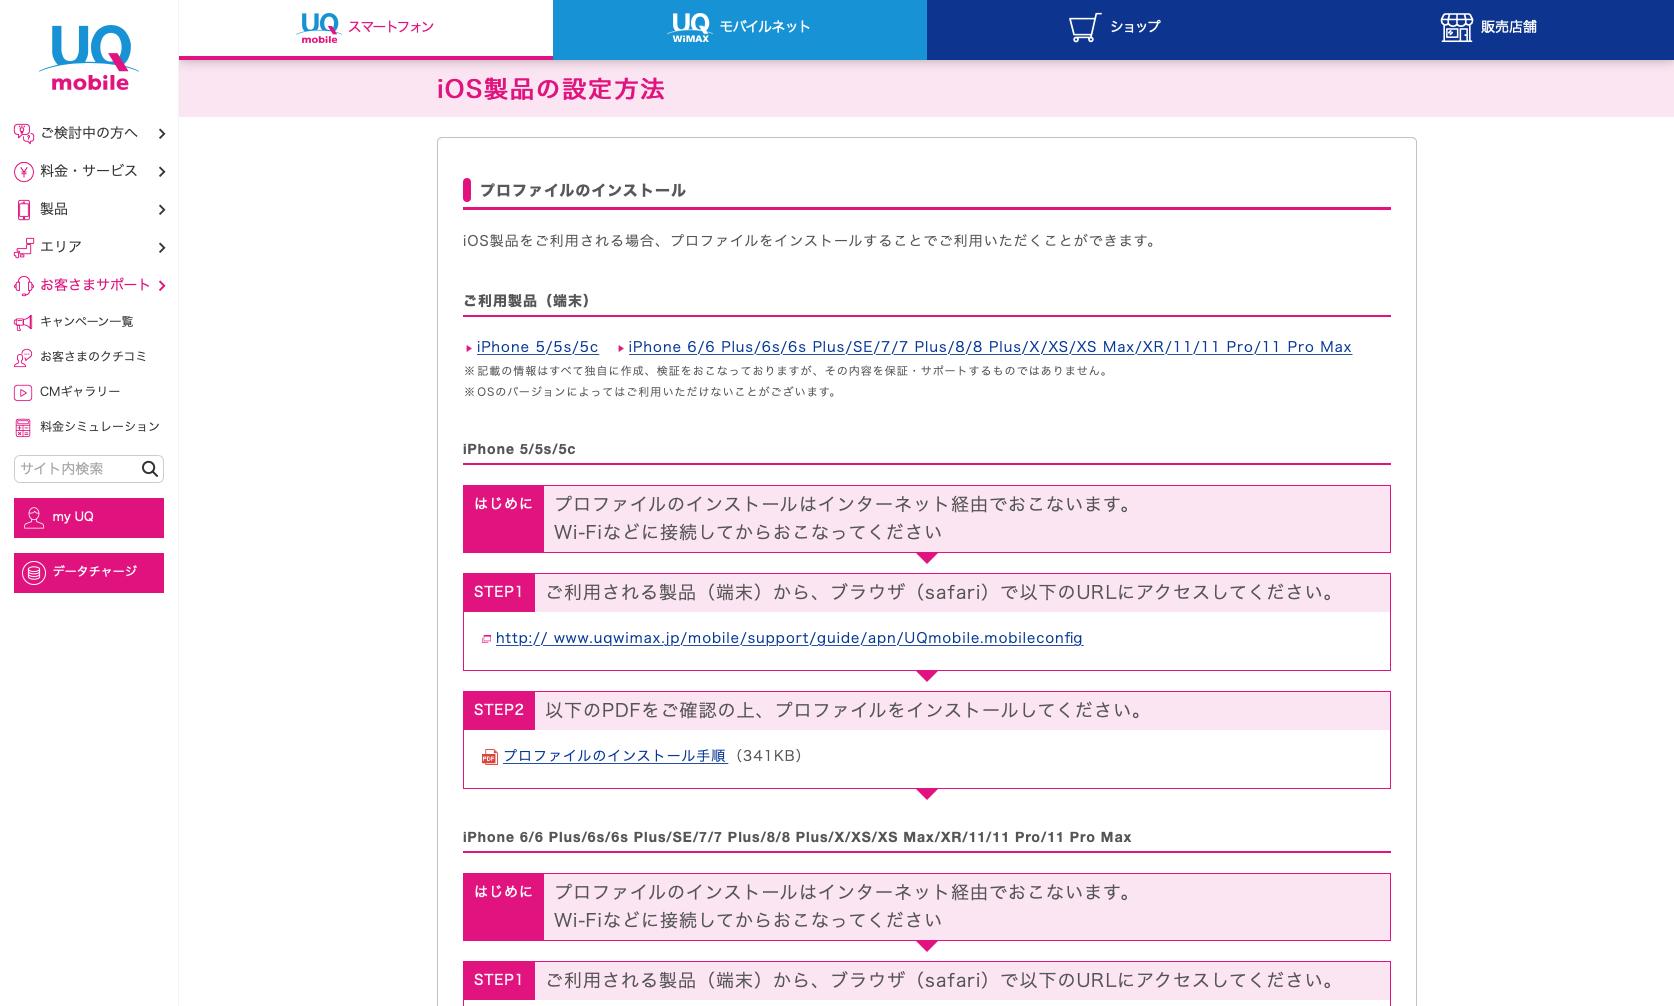 UQモバイルのiOS設定ガイド